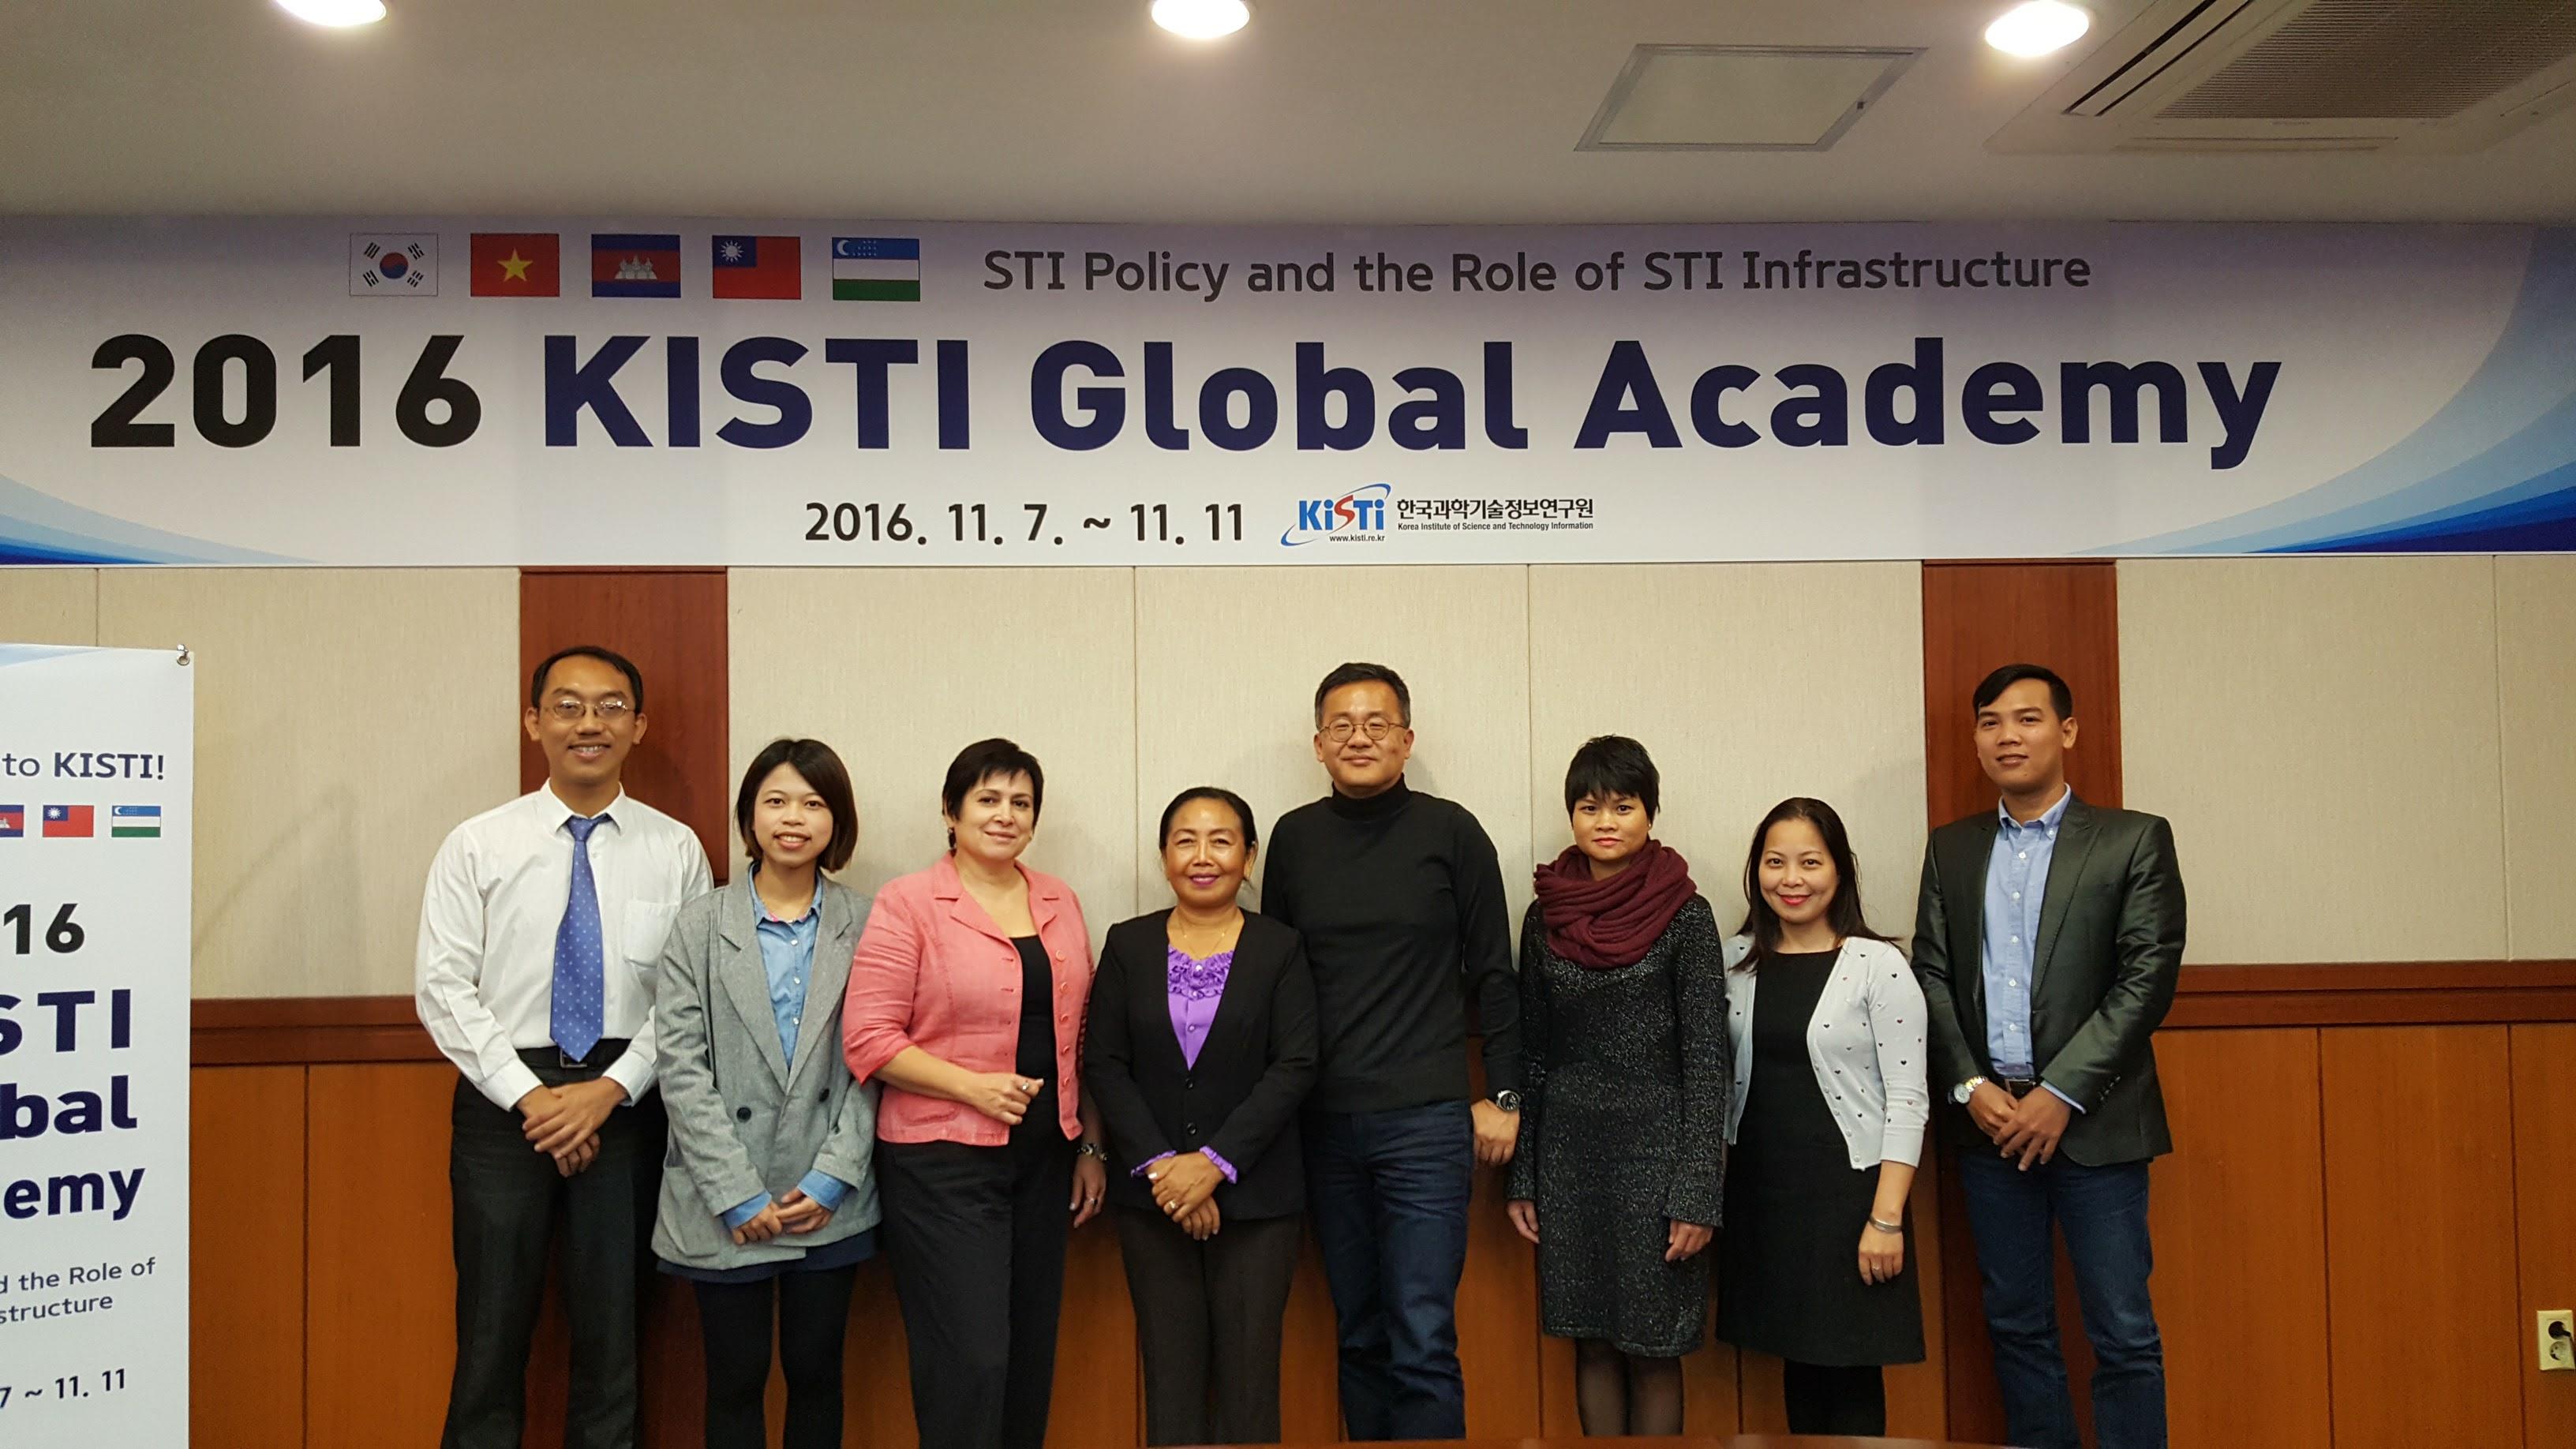 KISTI organized  2016 KISTI Global Academy